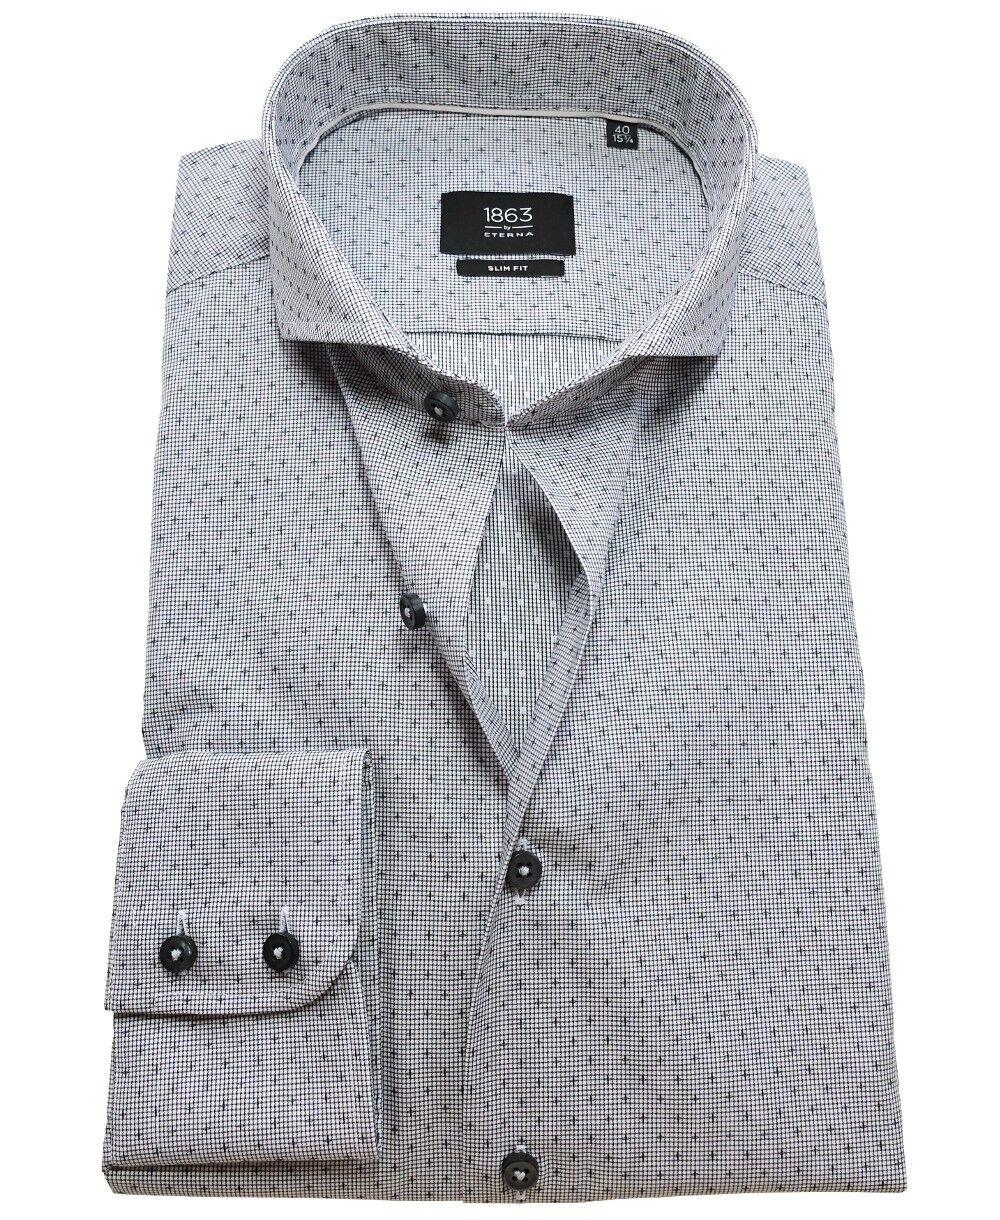 Eterna Slim Fit Langarmhemd in grau Minimaldessin Haikragen Gr. 38 bis 44